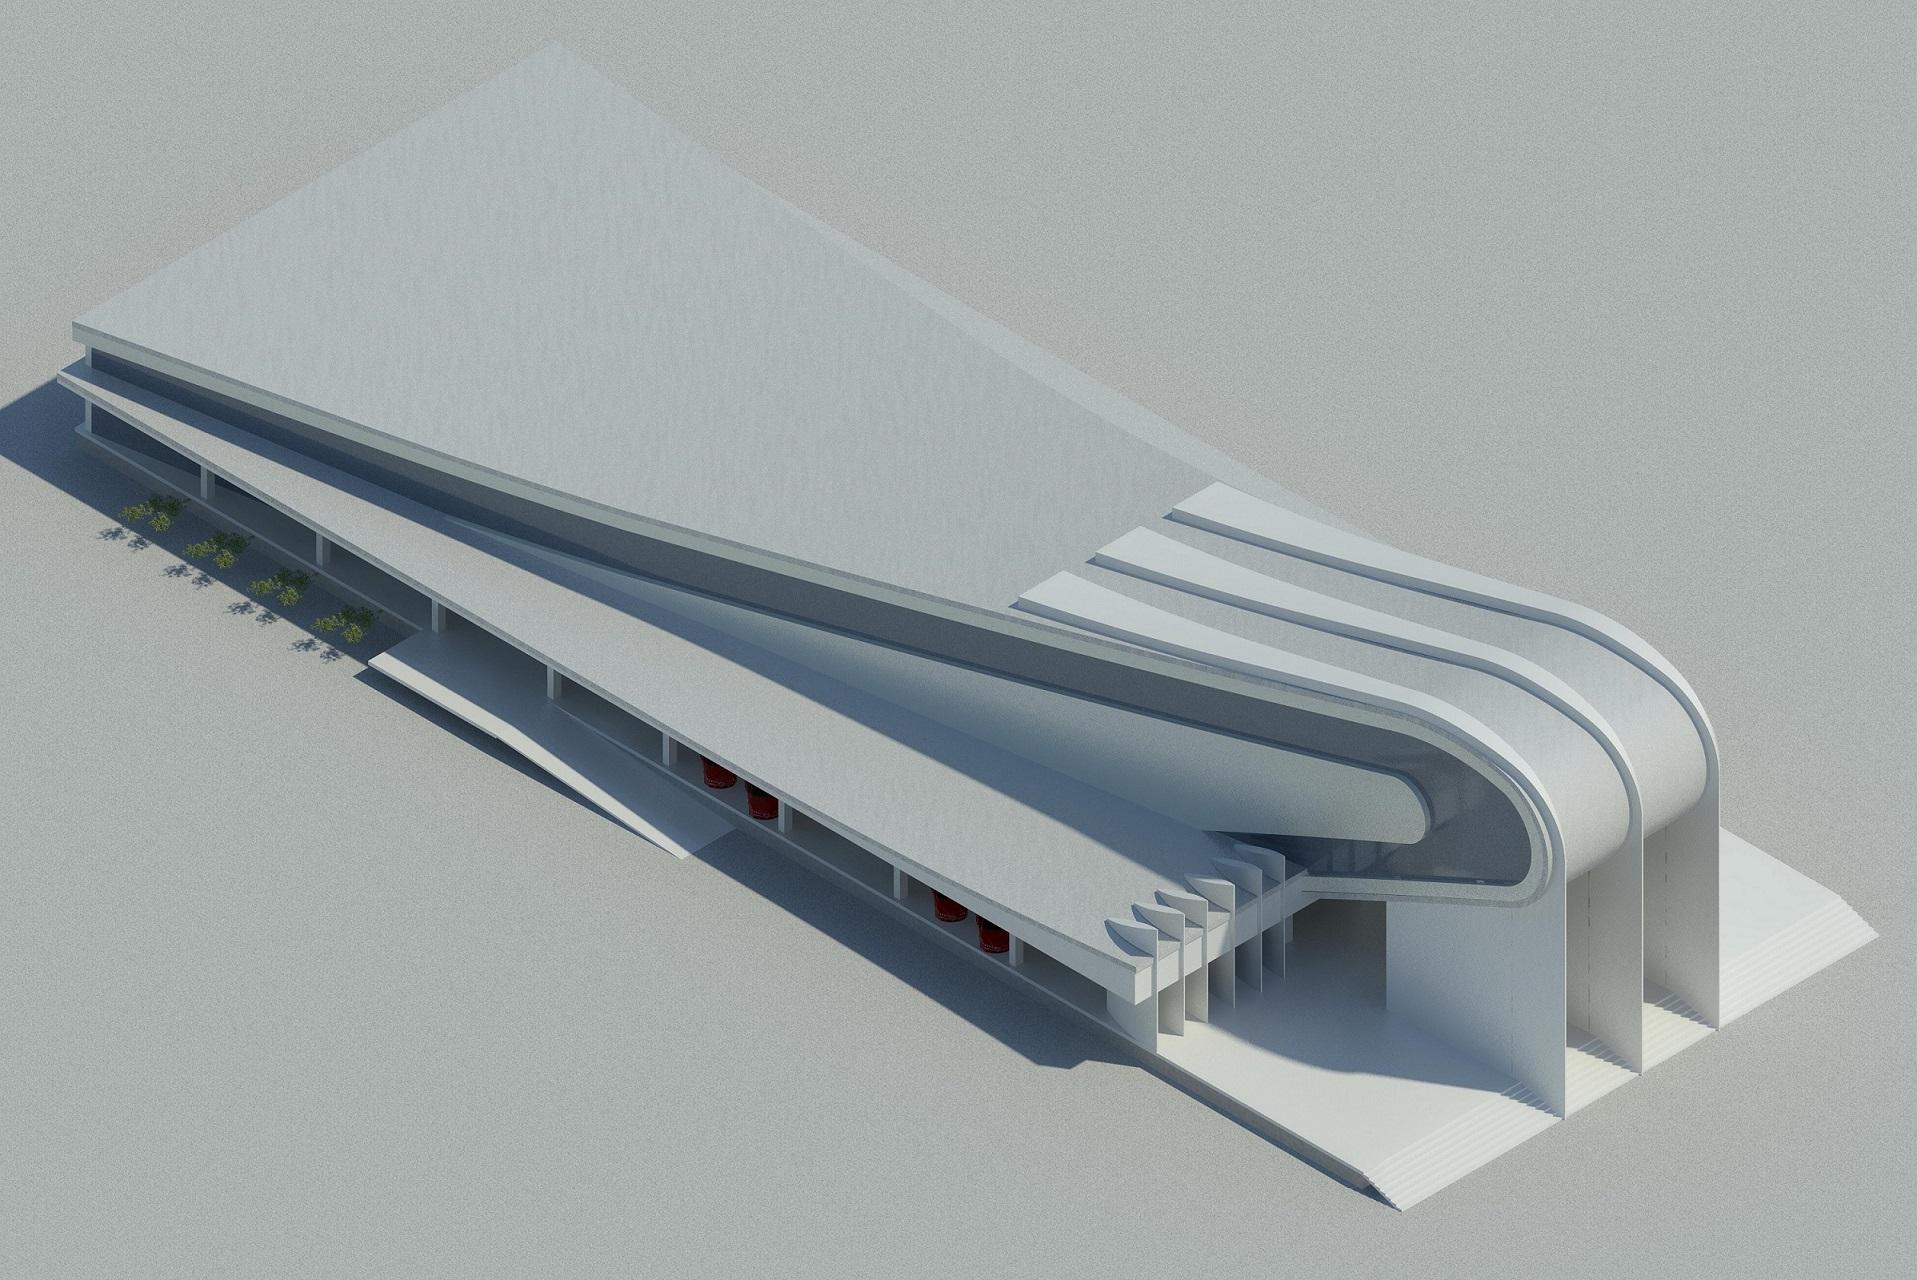 Разработка архитектурной концепции театра оперы и балета фото f_28152f574bc89a19.jpg